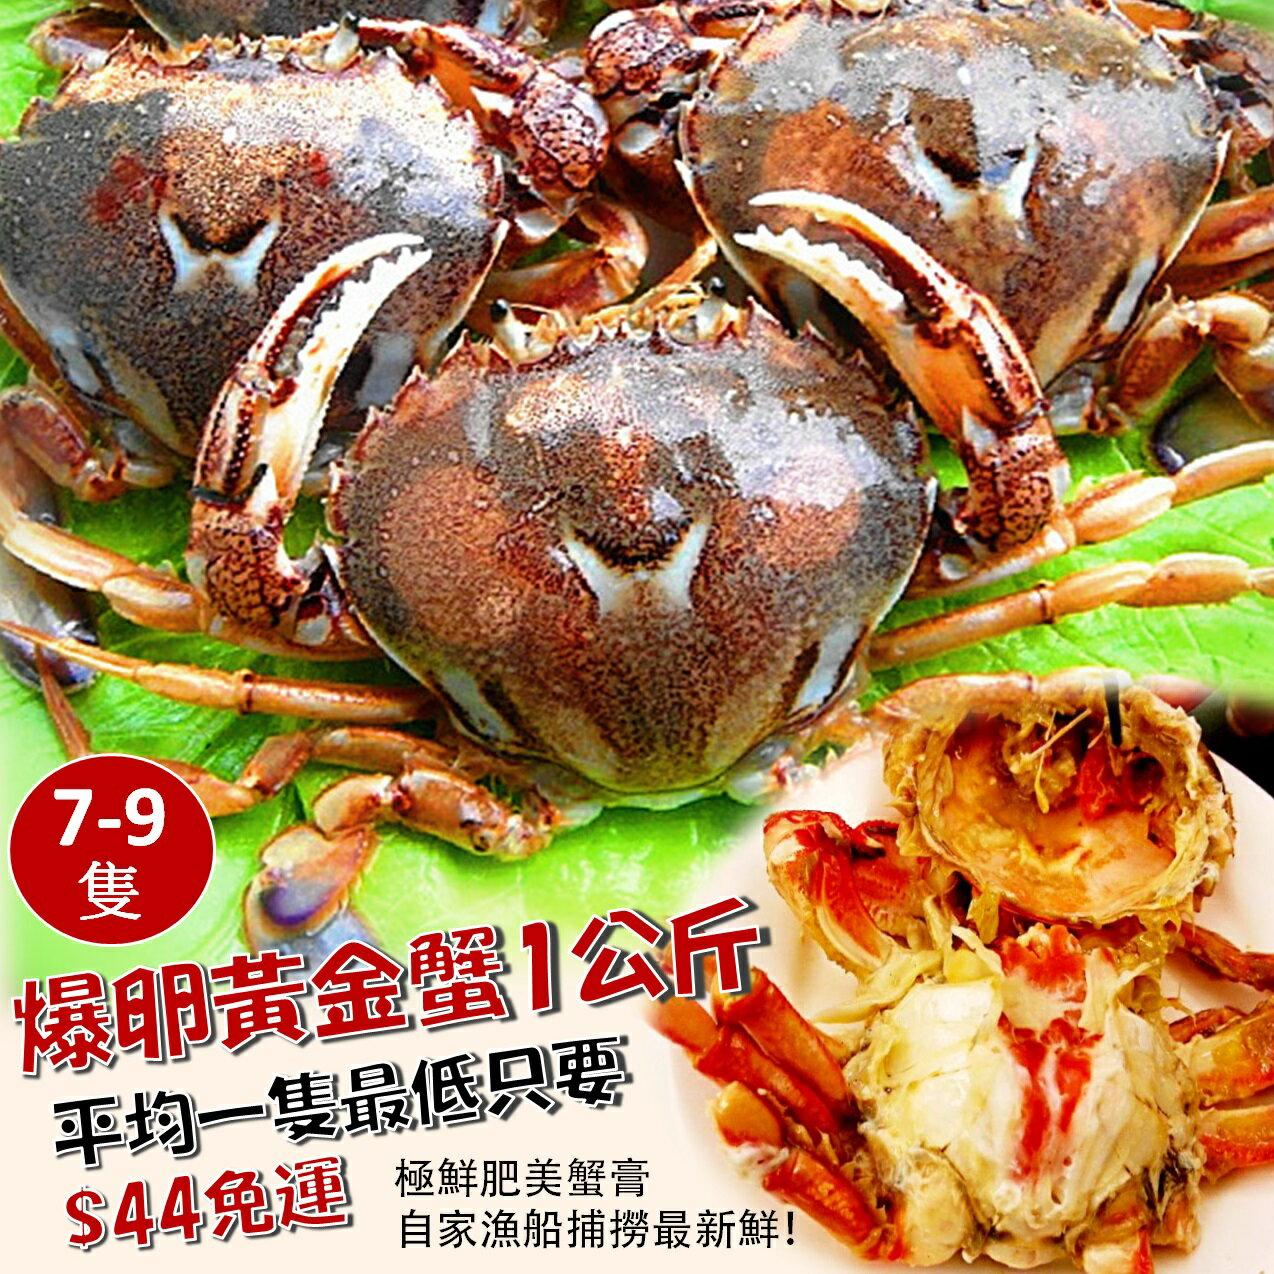 1公斤爆卵黃金蟹~滿滿肥美蟹卵